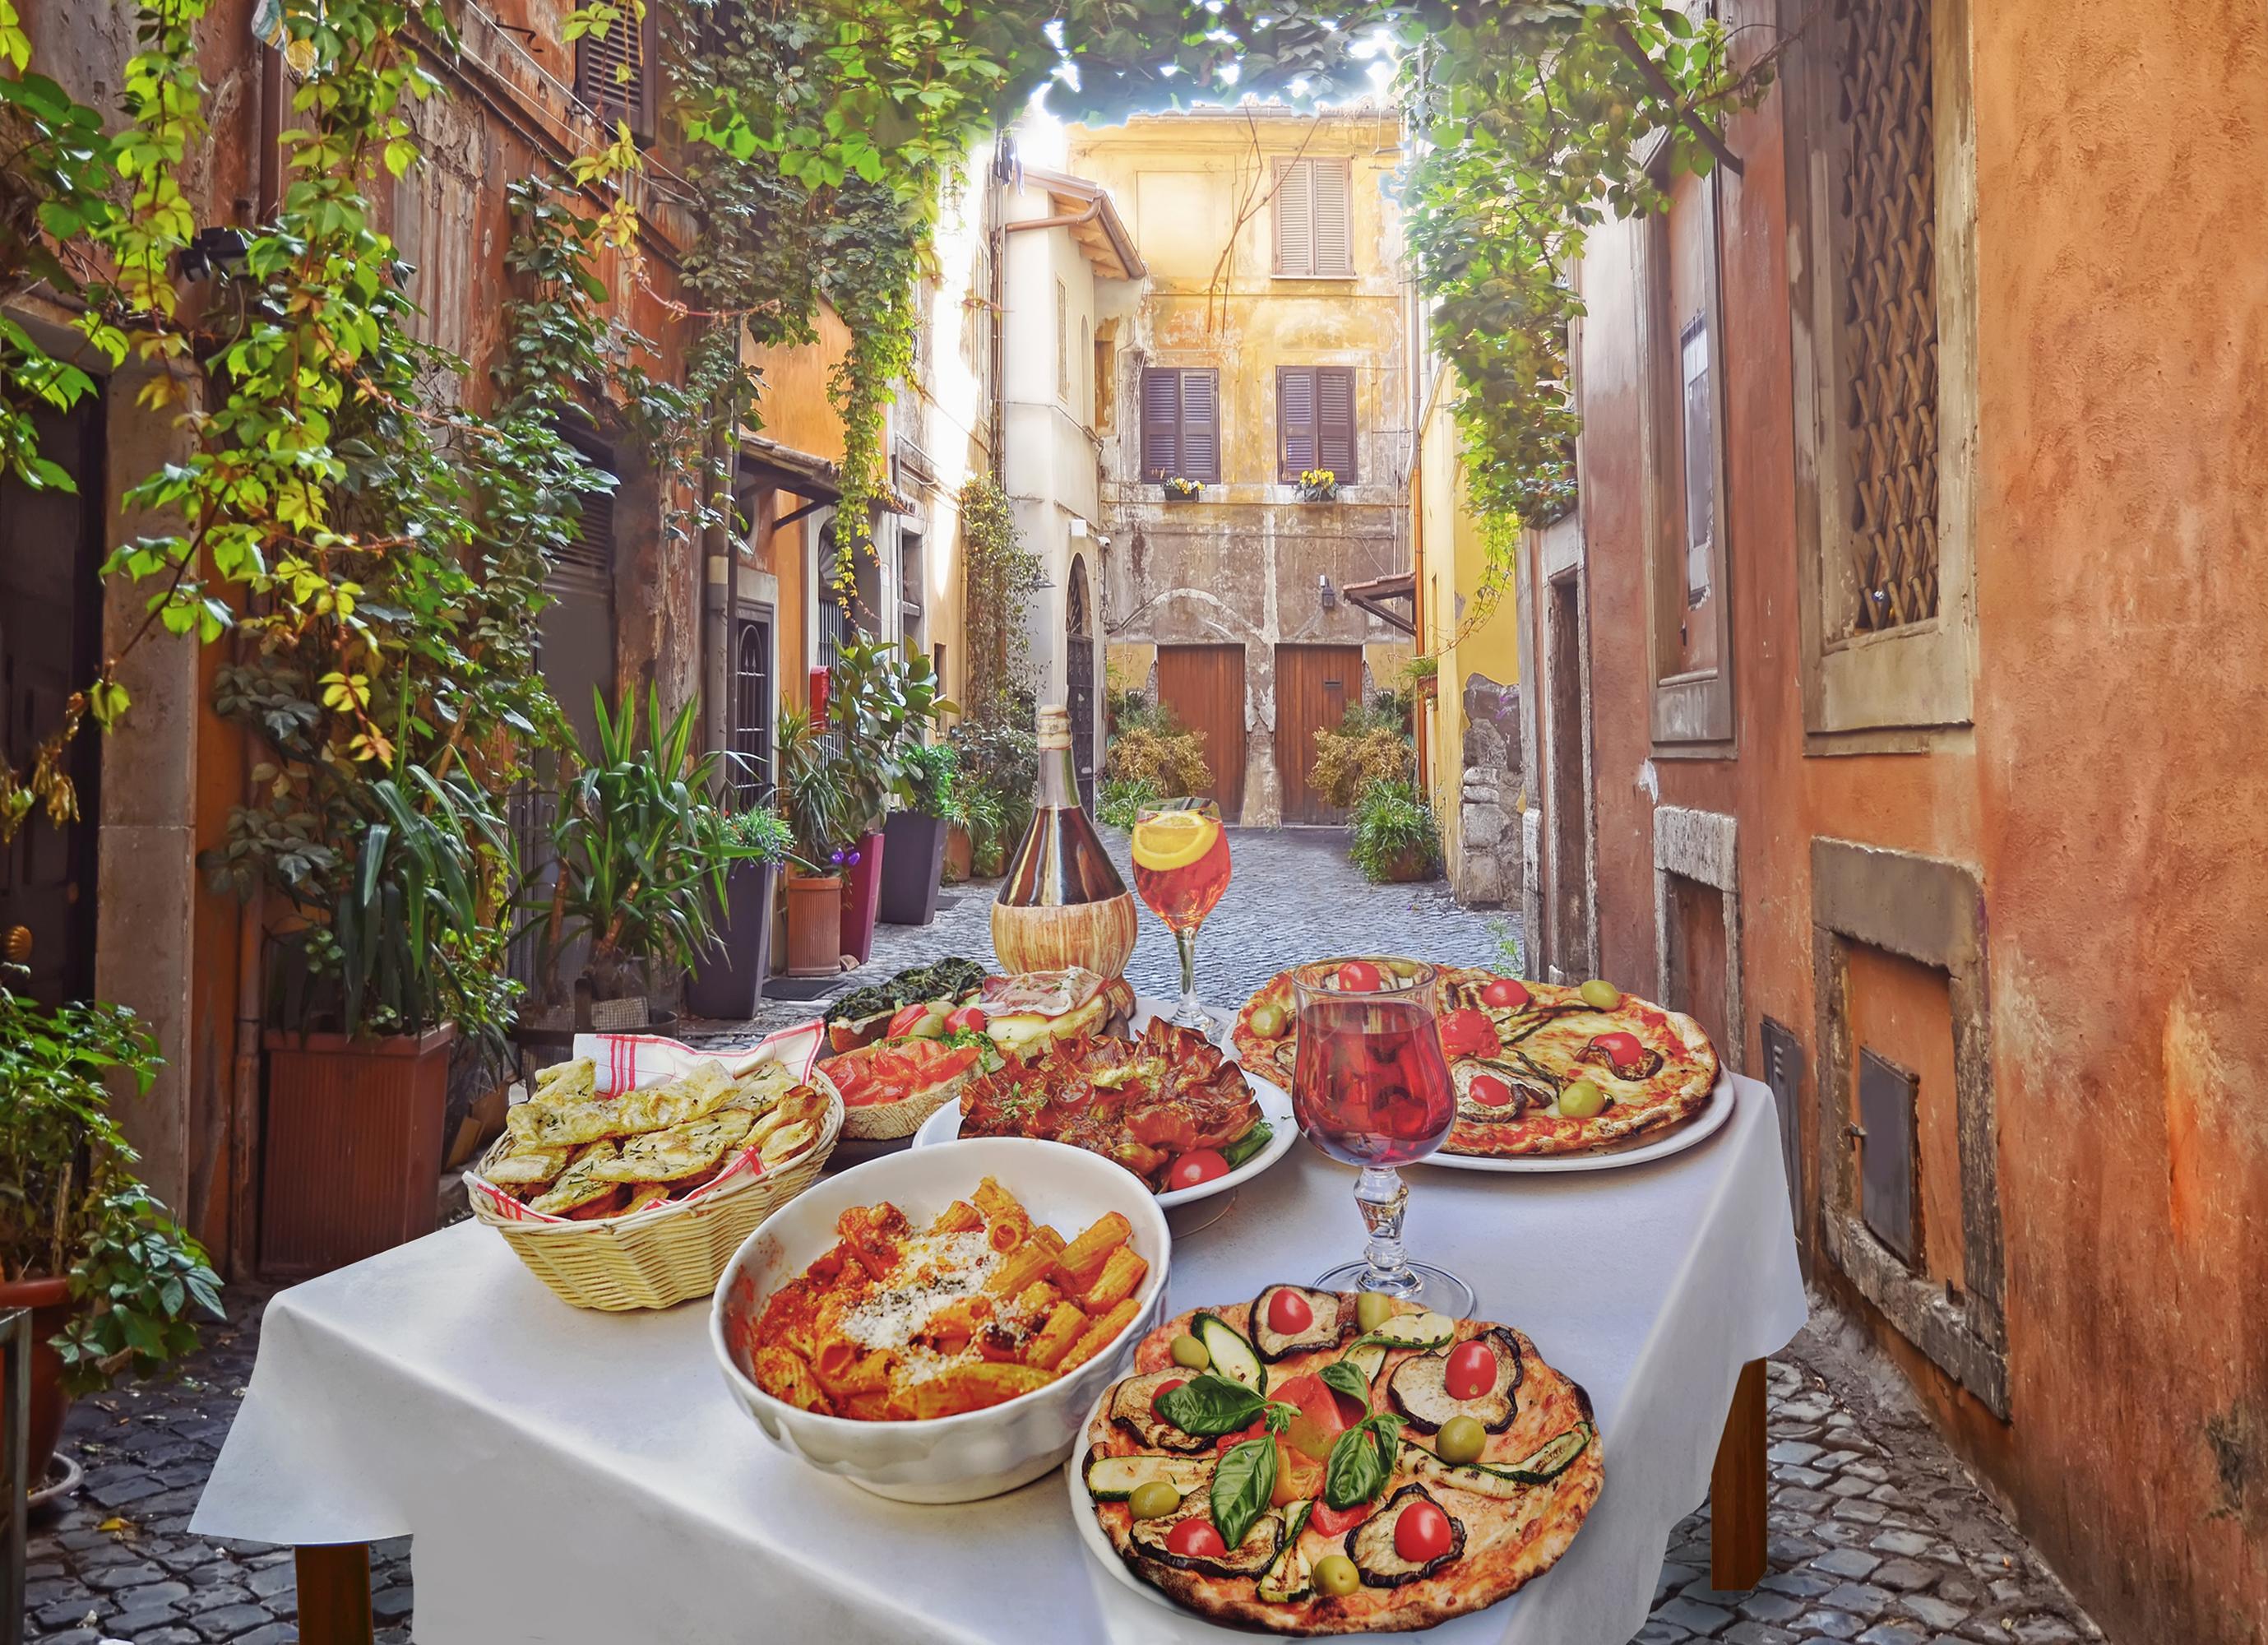 1.Италия<br /> <br /> Това може би не е изненада за никого, тъй като за италианската кухня се говори навсякъде. Тук няма смисъл да изброяваме какво си заслужава да опитате, защото в страната на пастата не съществува ястие, което да ви разочарова.